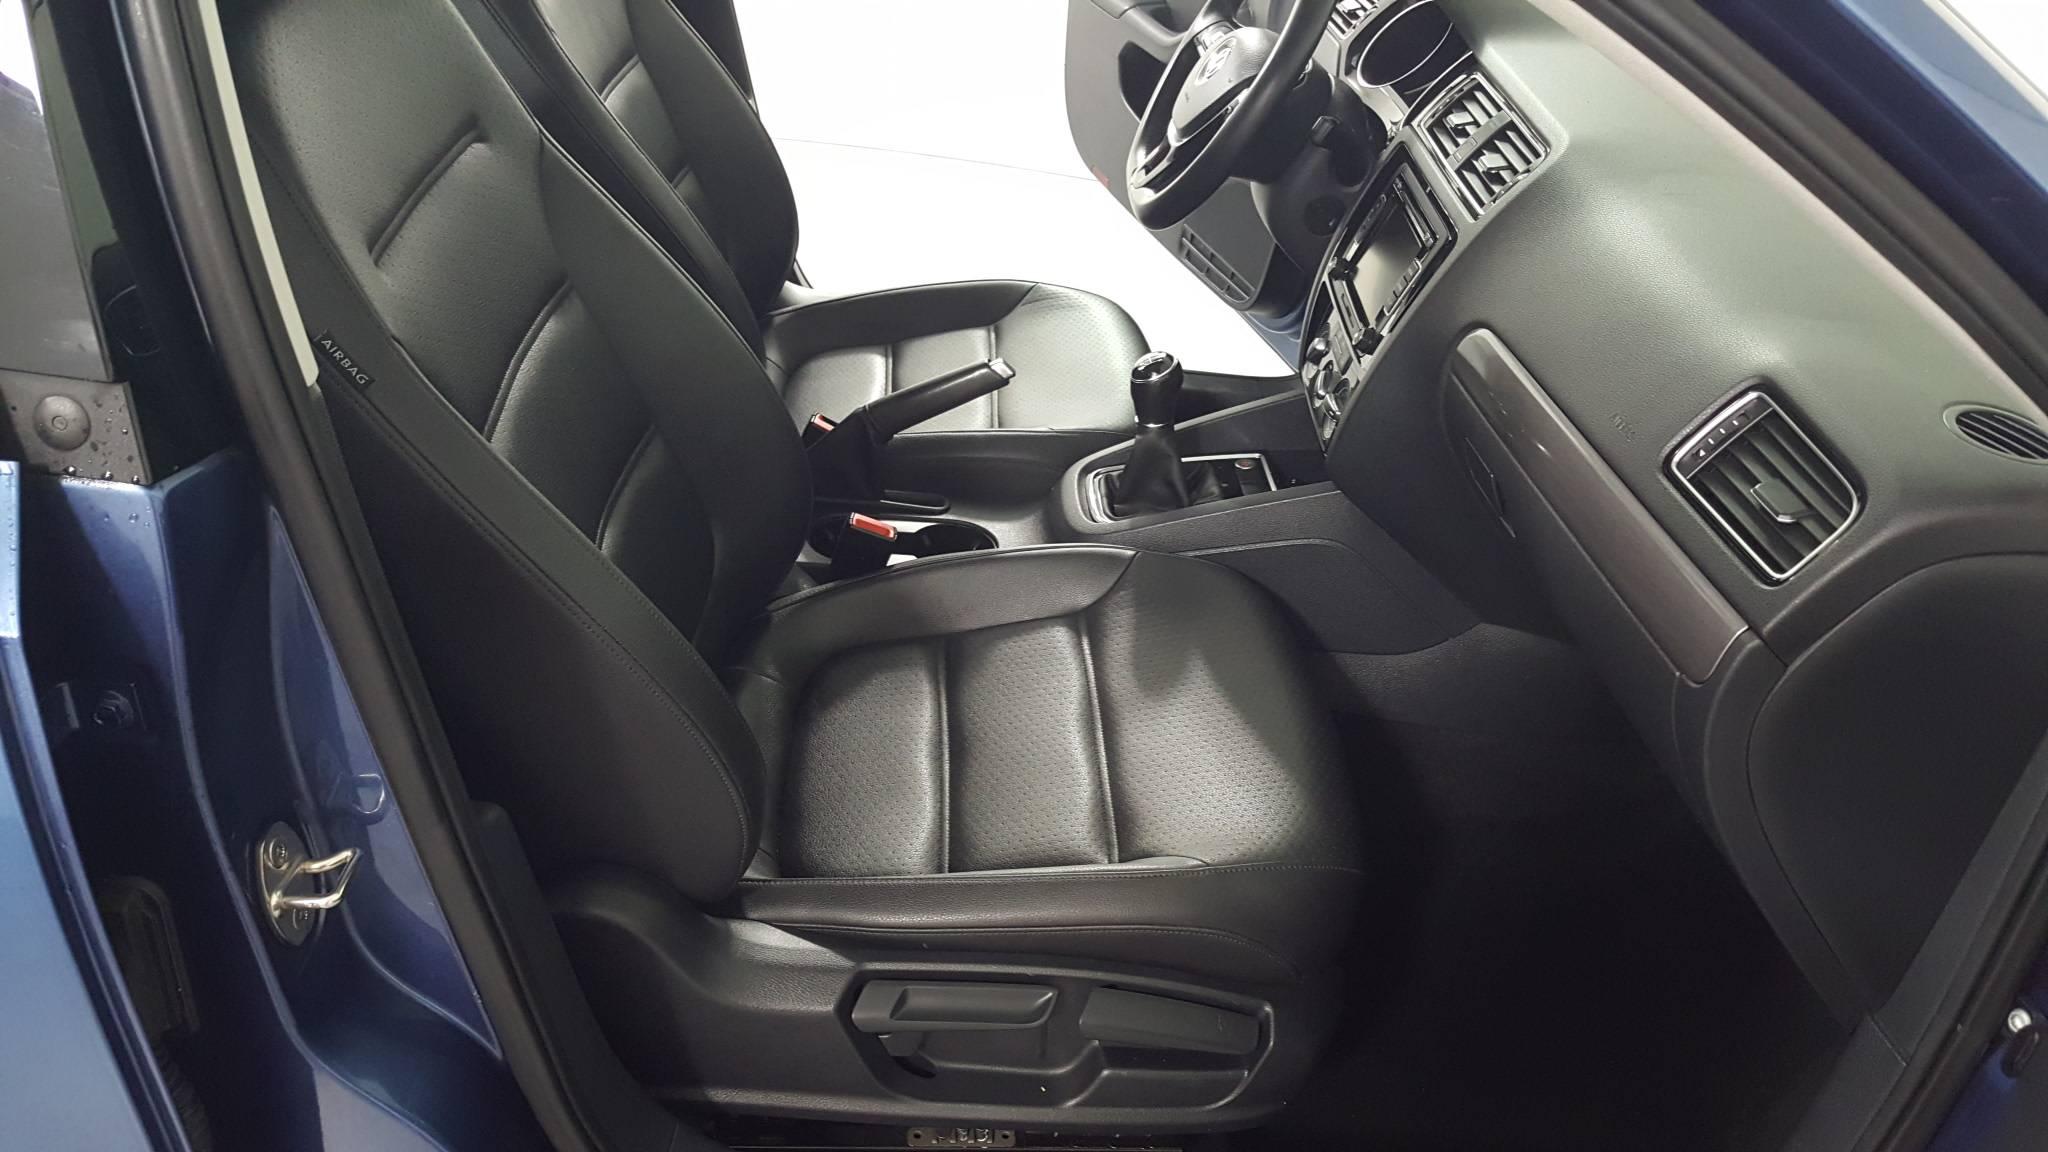 Pre-Owned 2015 Volkswagen Jetta 2.0L TDI SE w/Connectivity